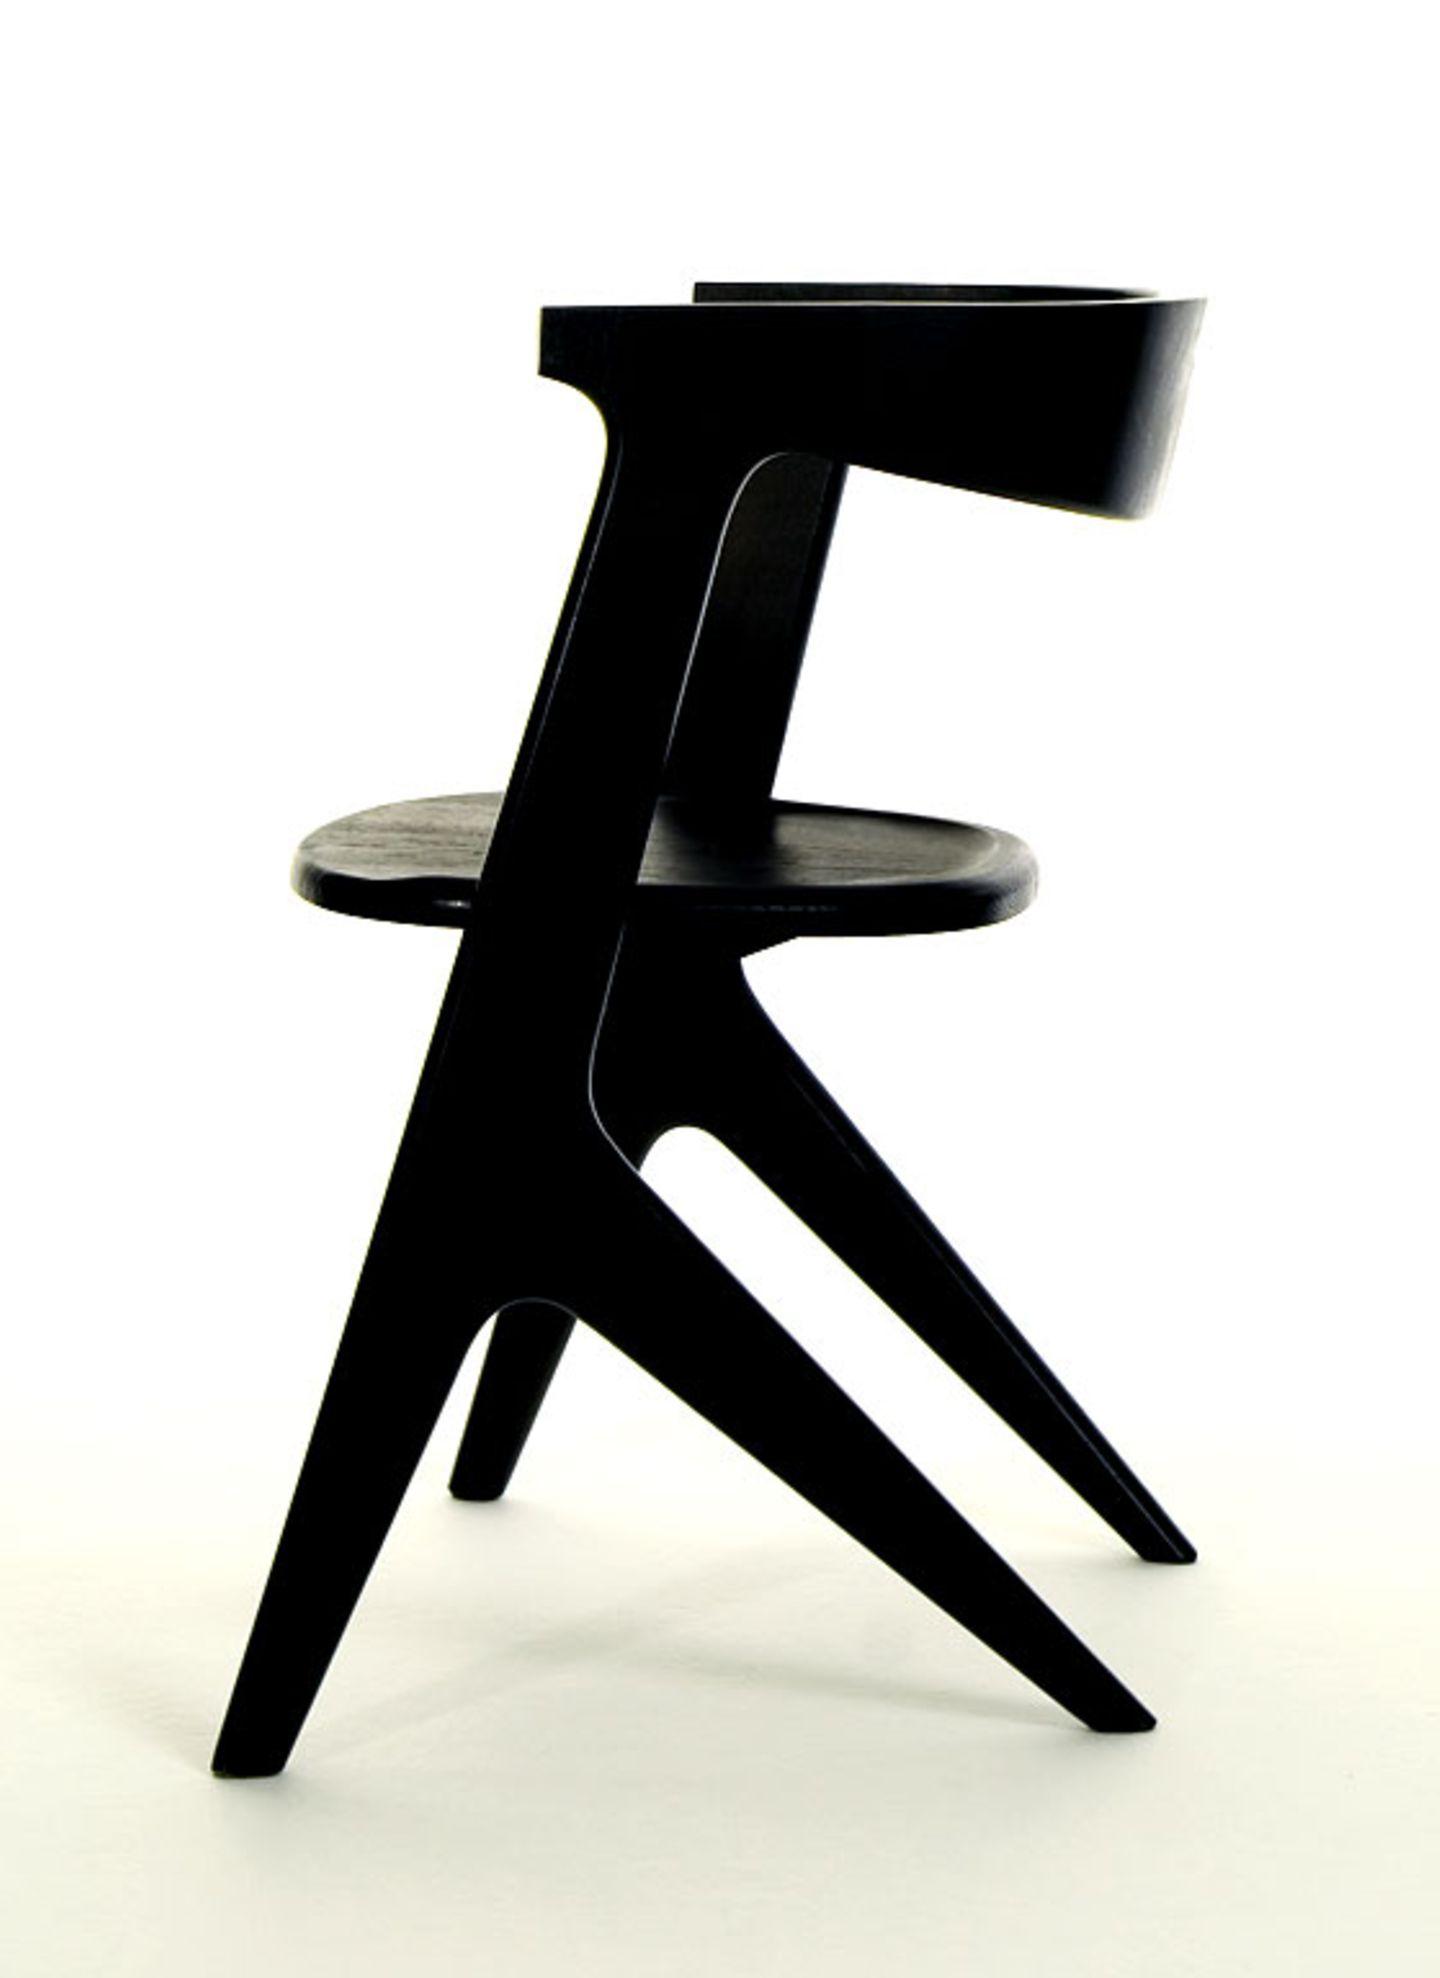 """Stapelstuhl """"Slab Chair"""" von Tom Dixon"""